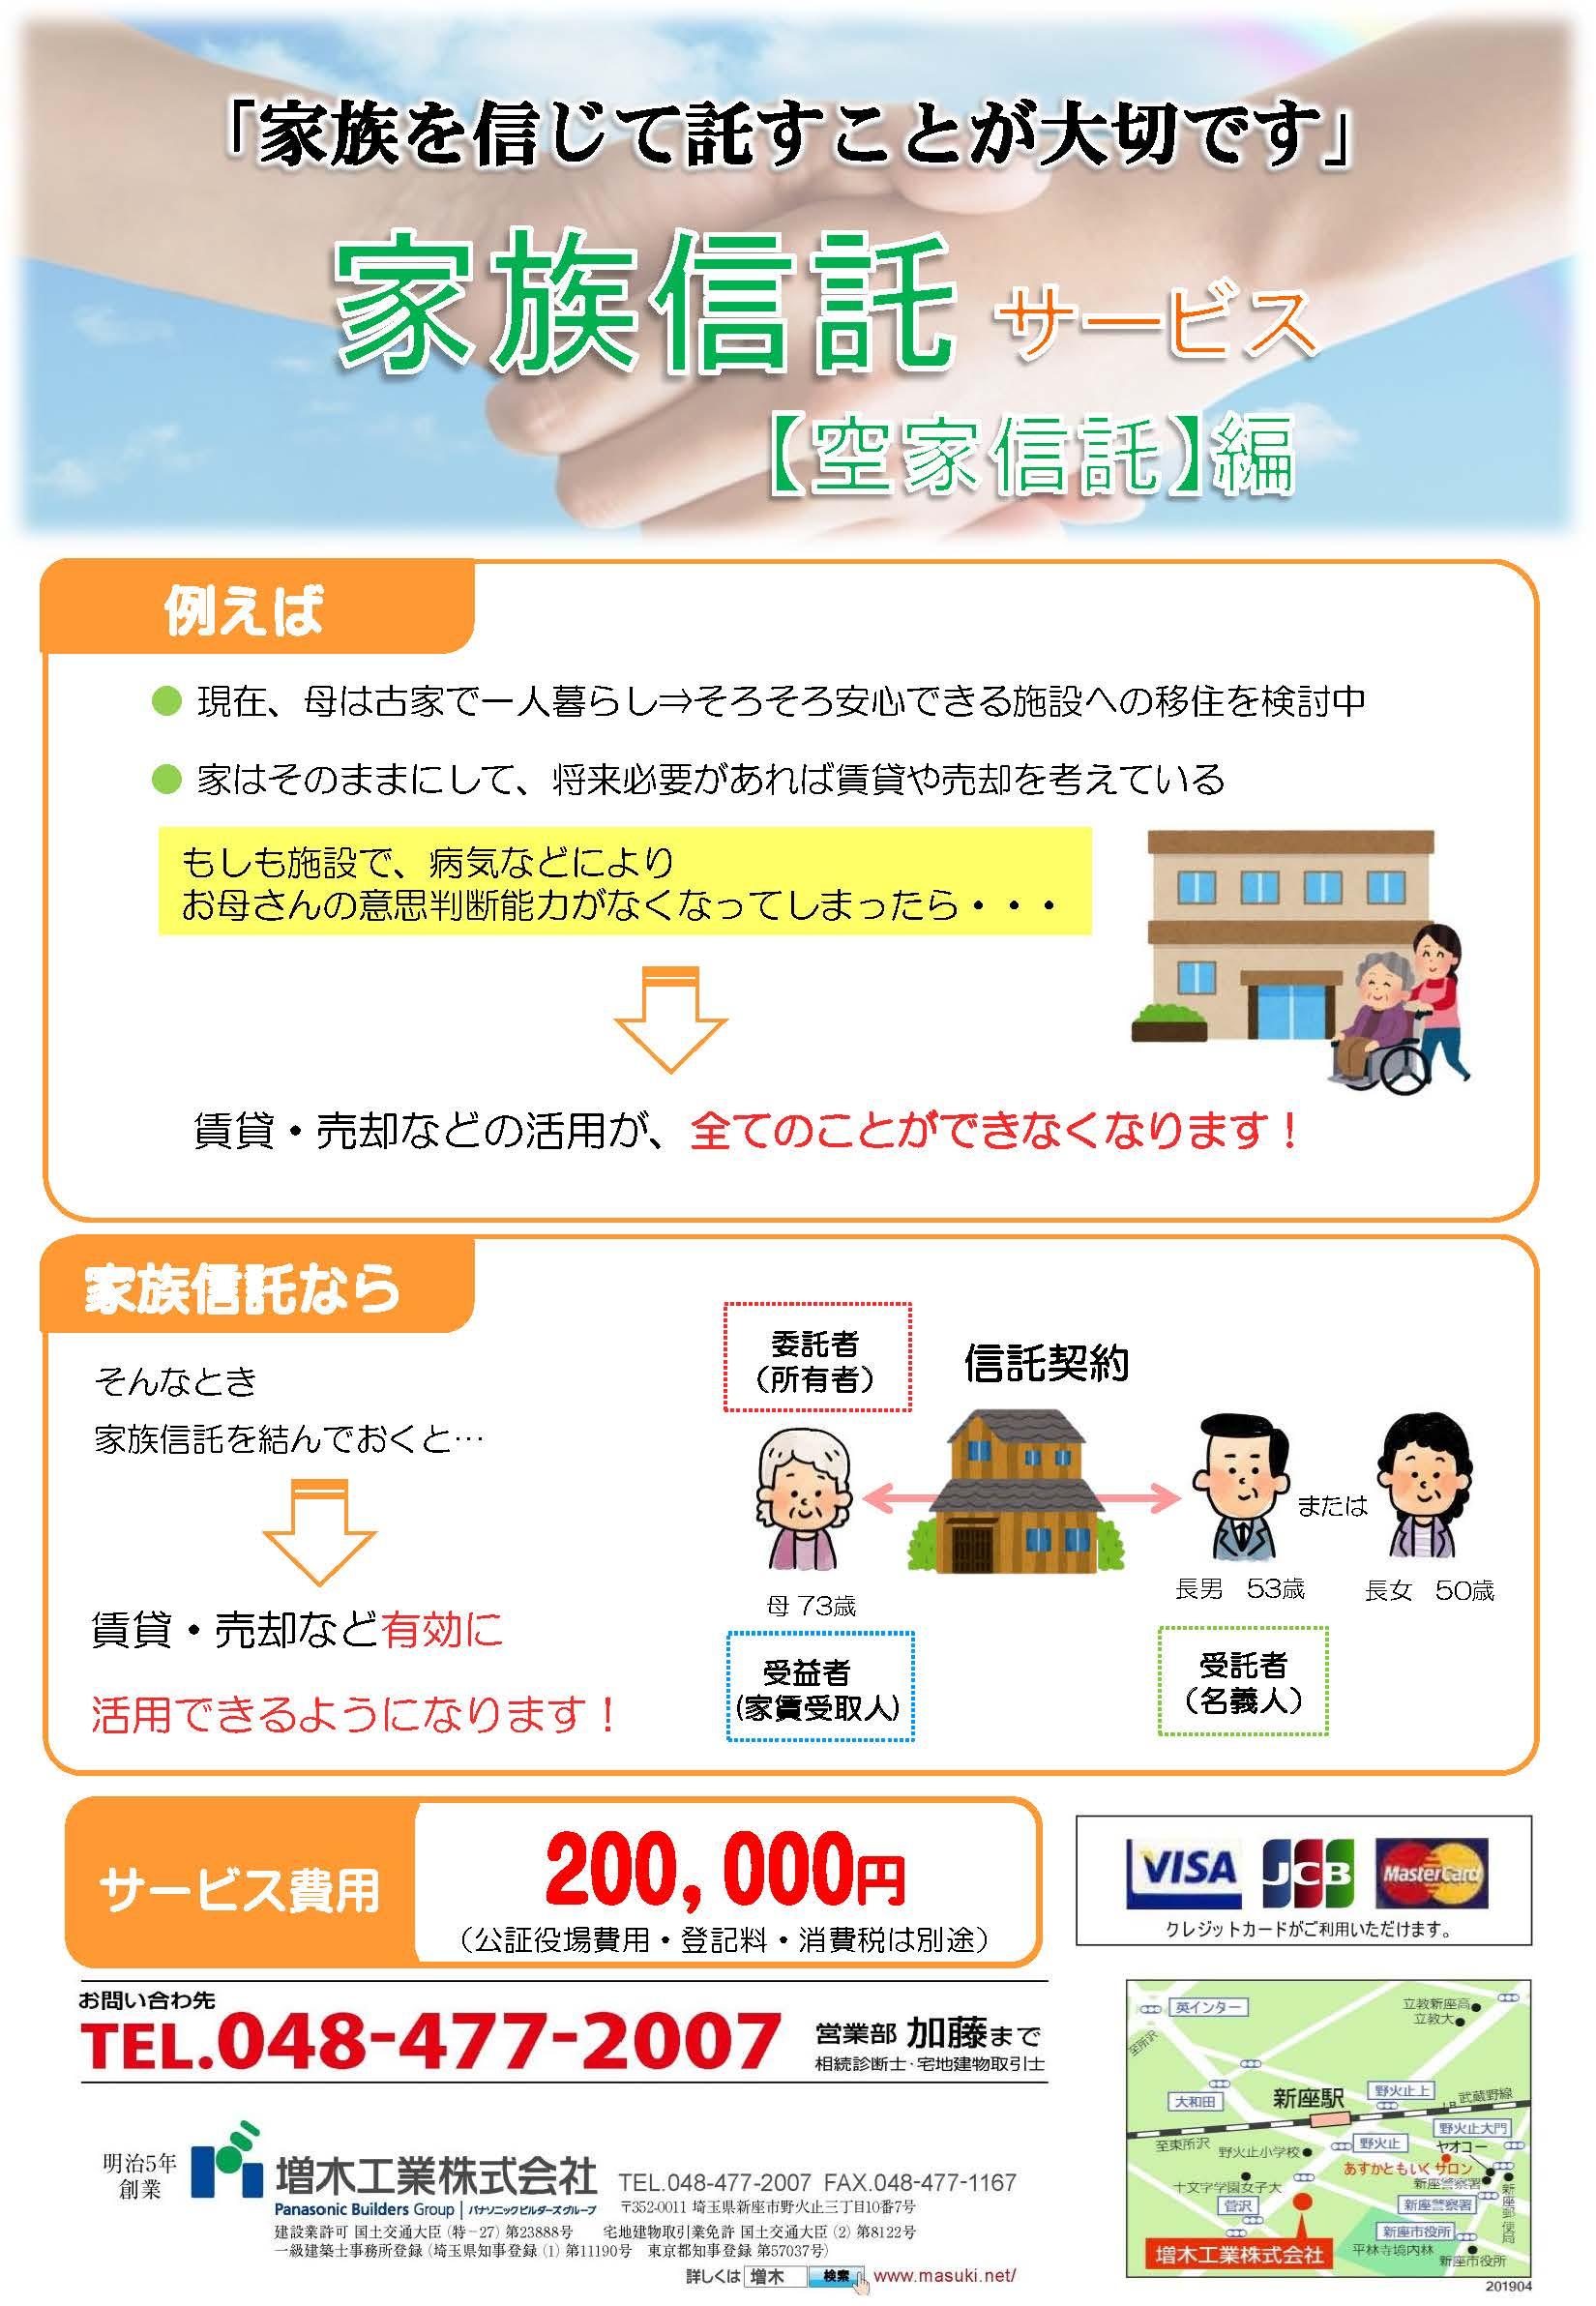 家族信託サービス ~空家信託編~/13-2のイメージ